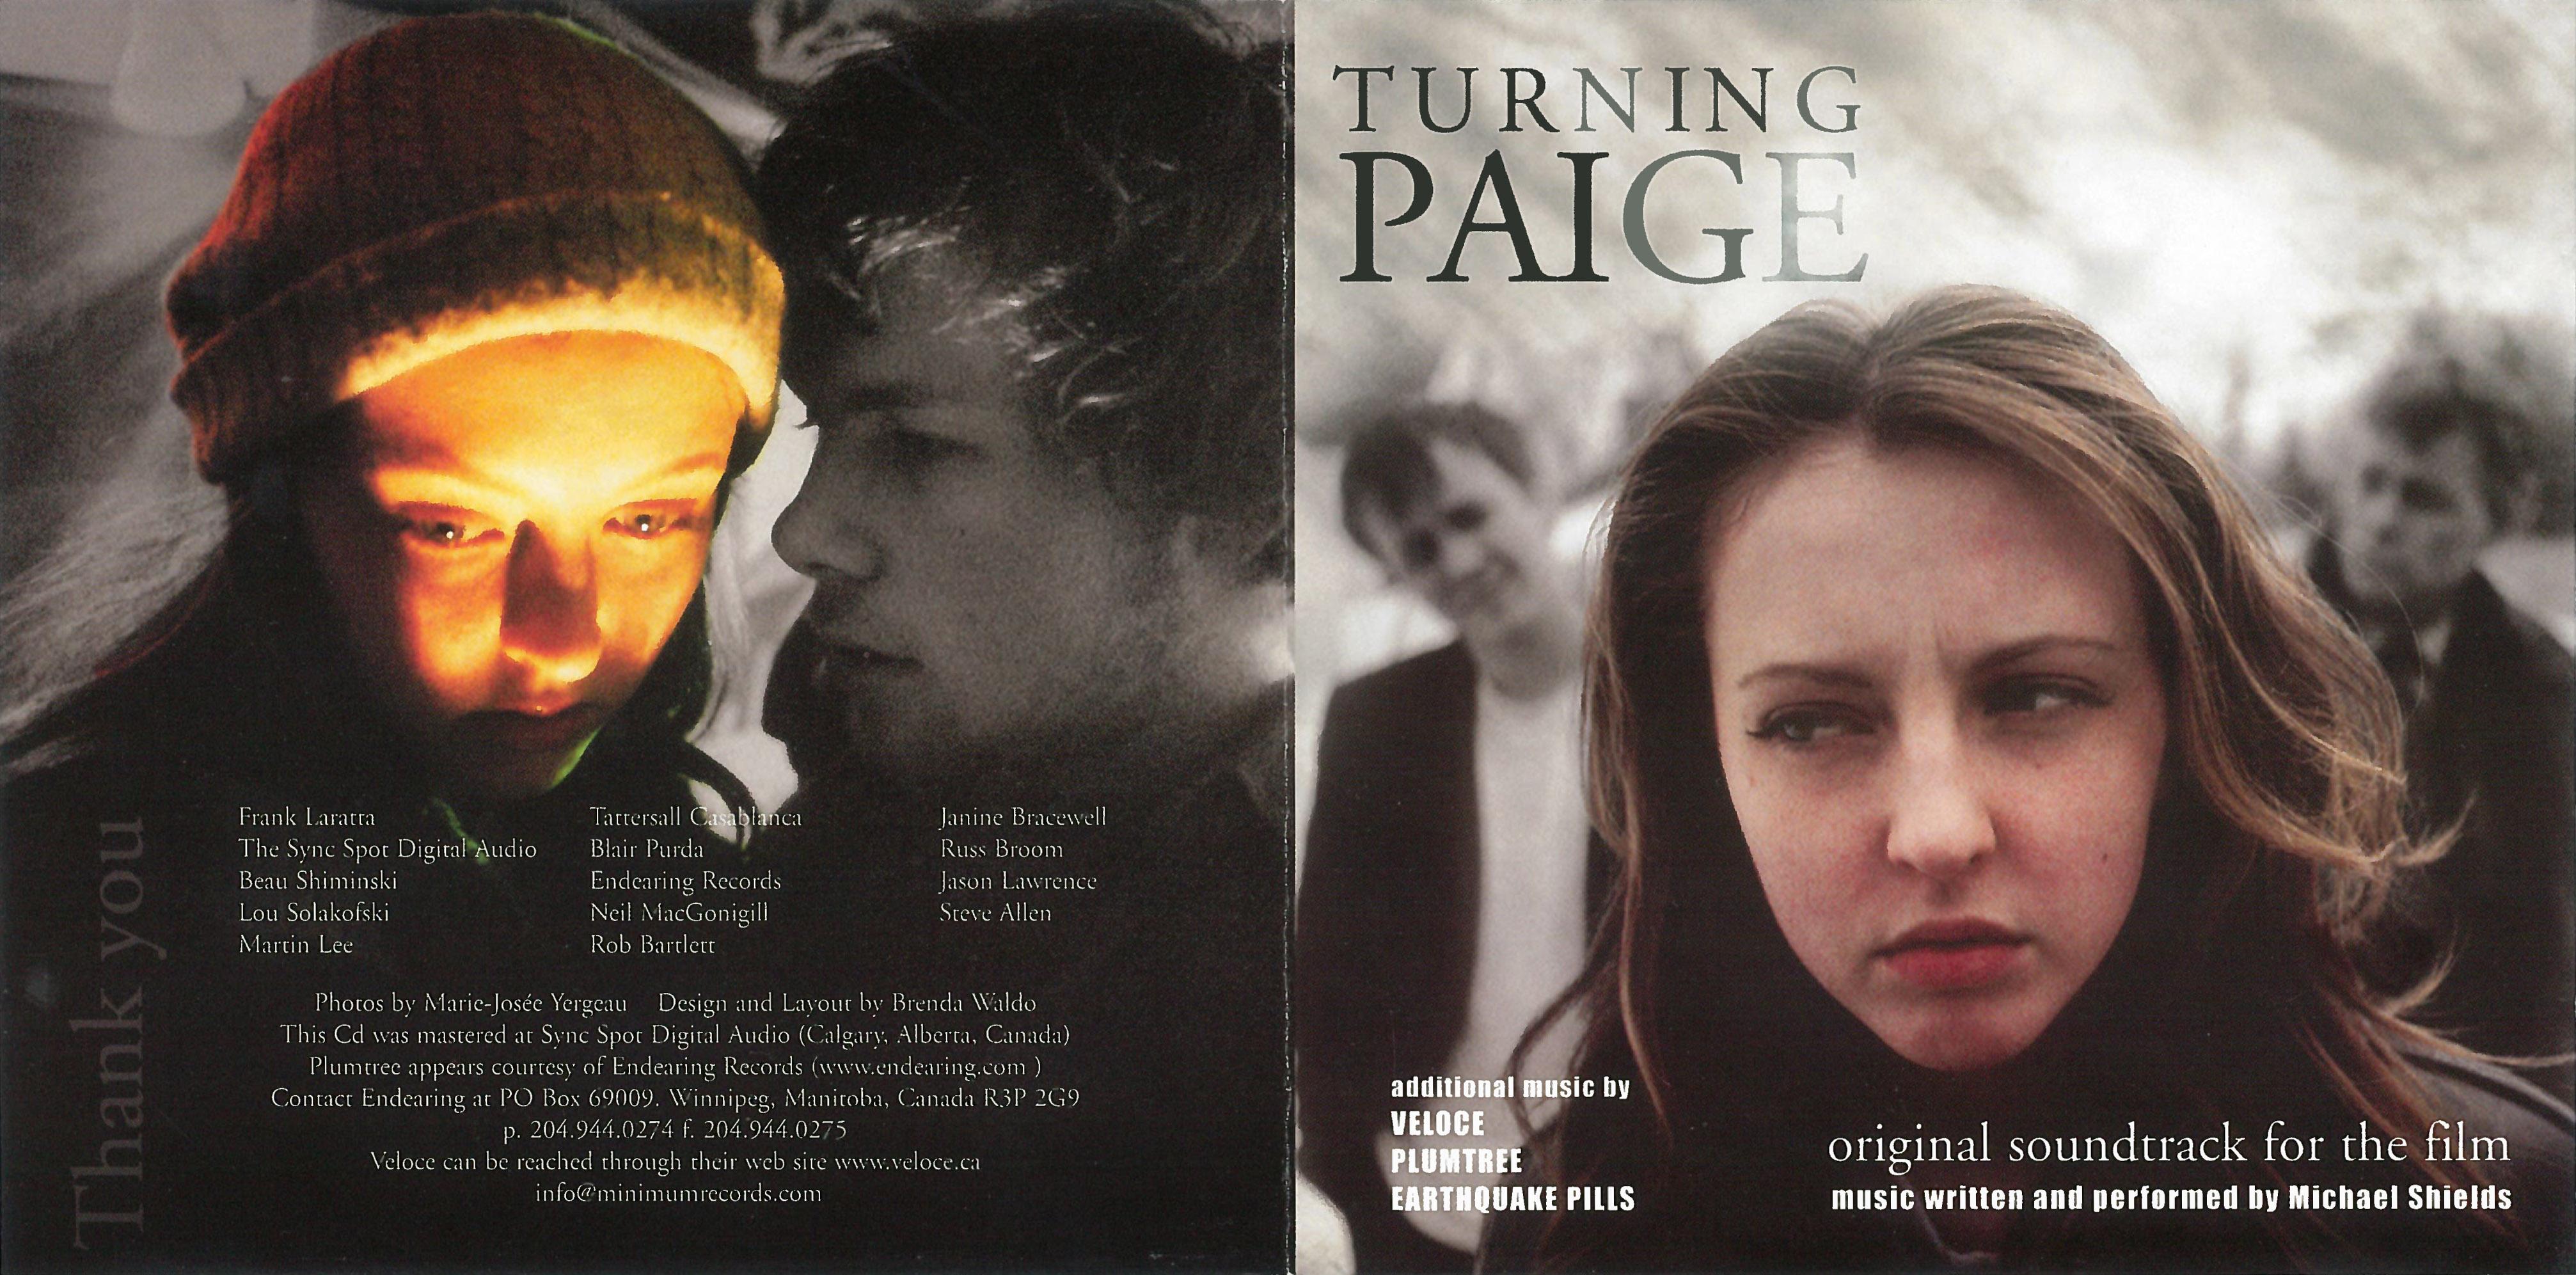 Turning Paige - Soundtrack